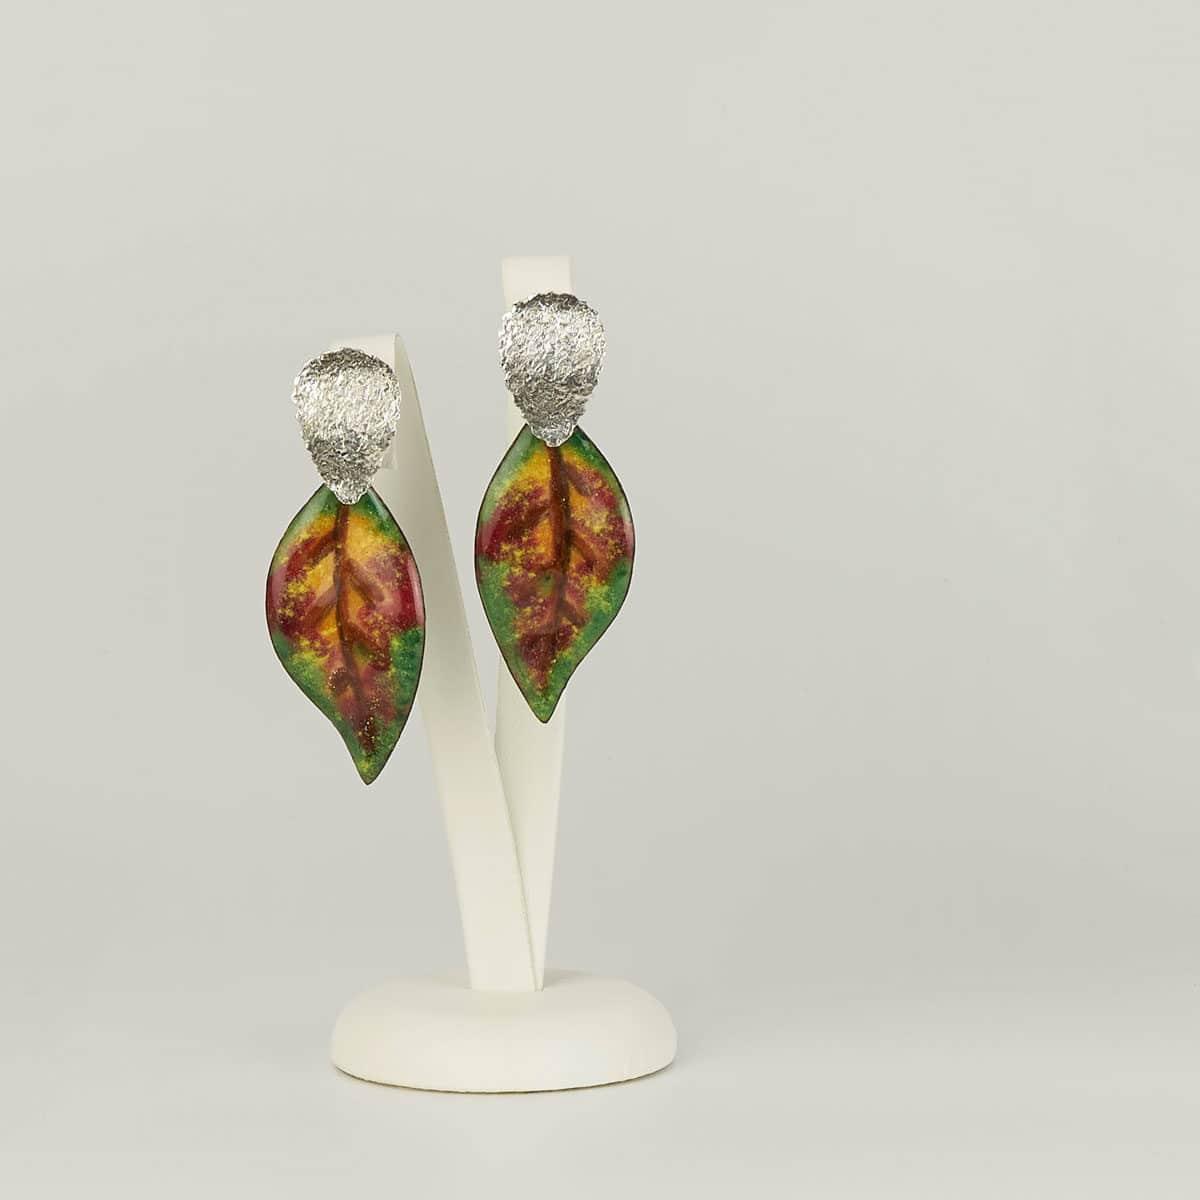 Joyería de diseño, pendientes de plata y esmalte al fuego modelo Loureiro. Joyas Siliva.